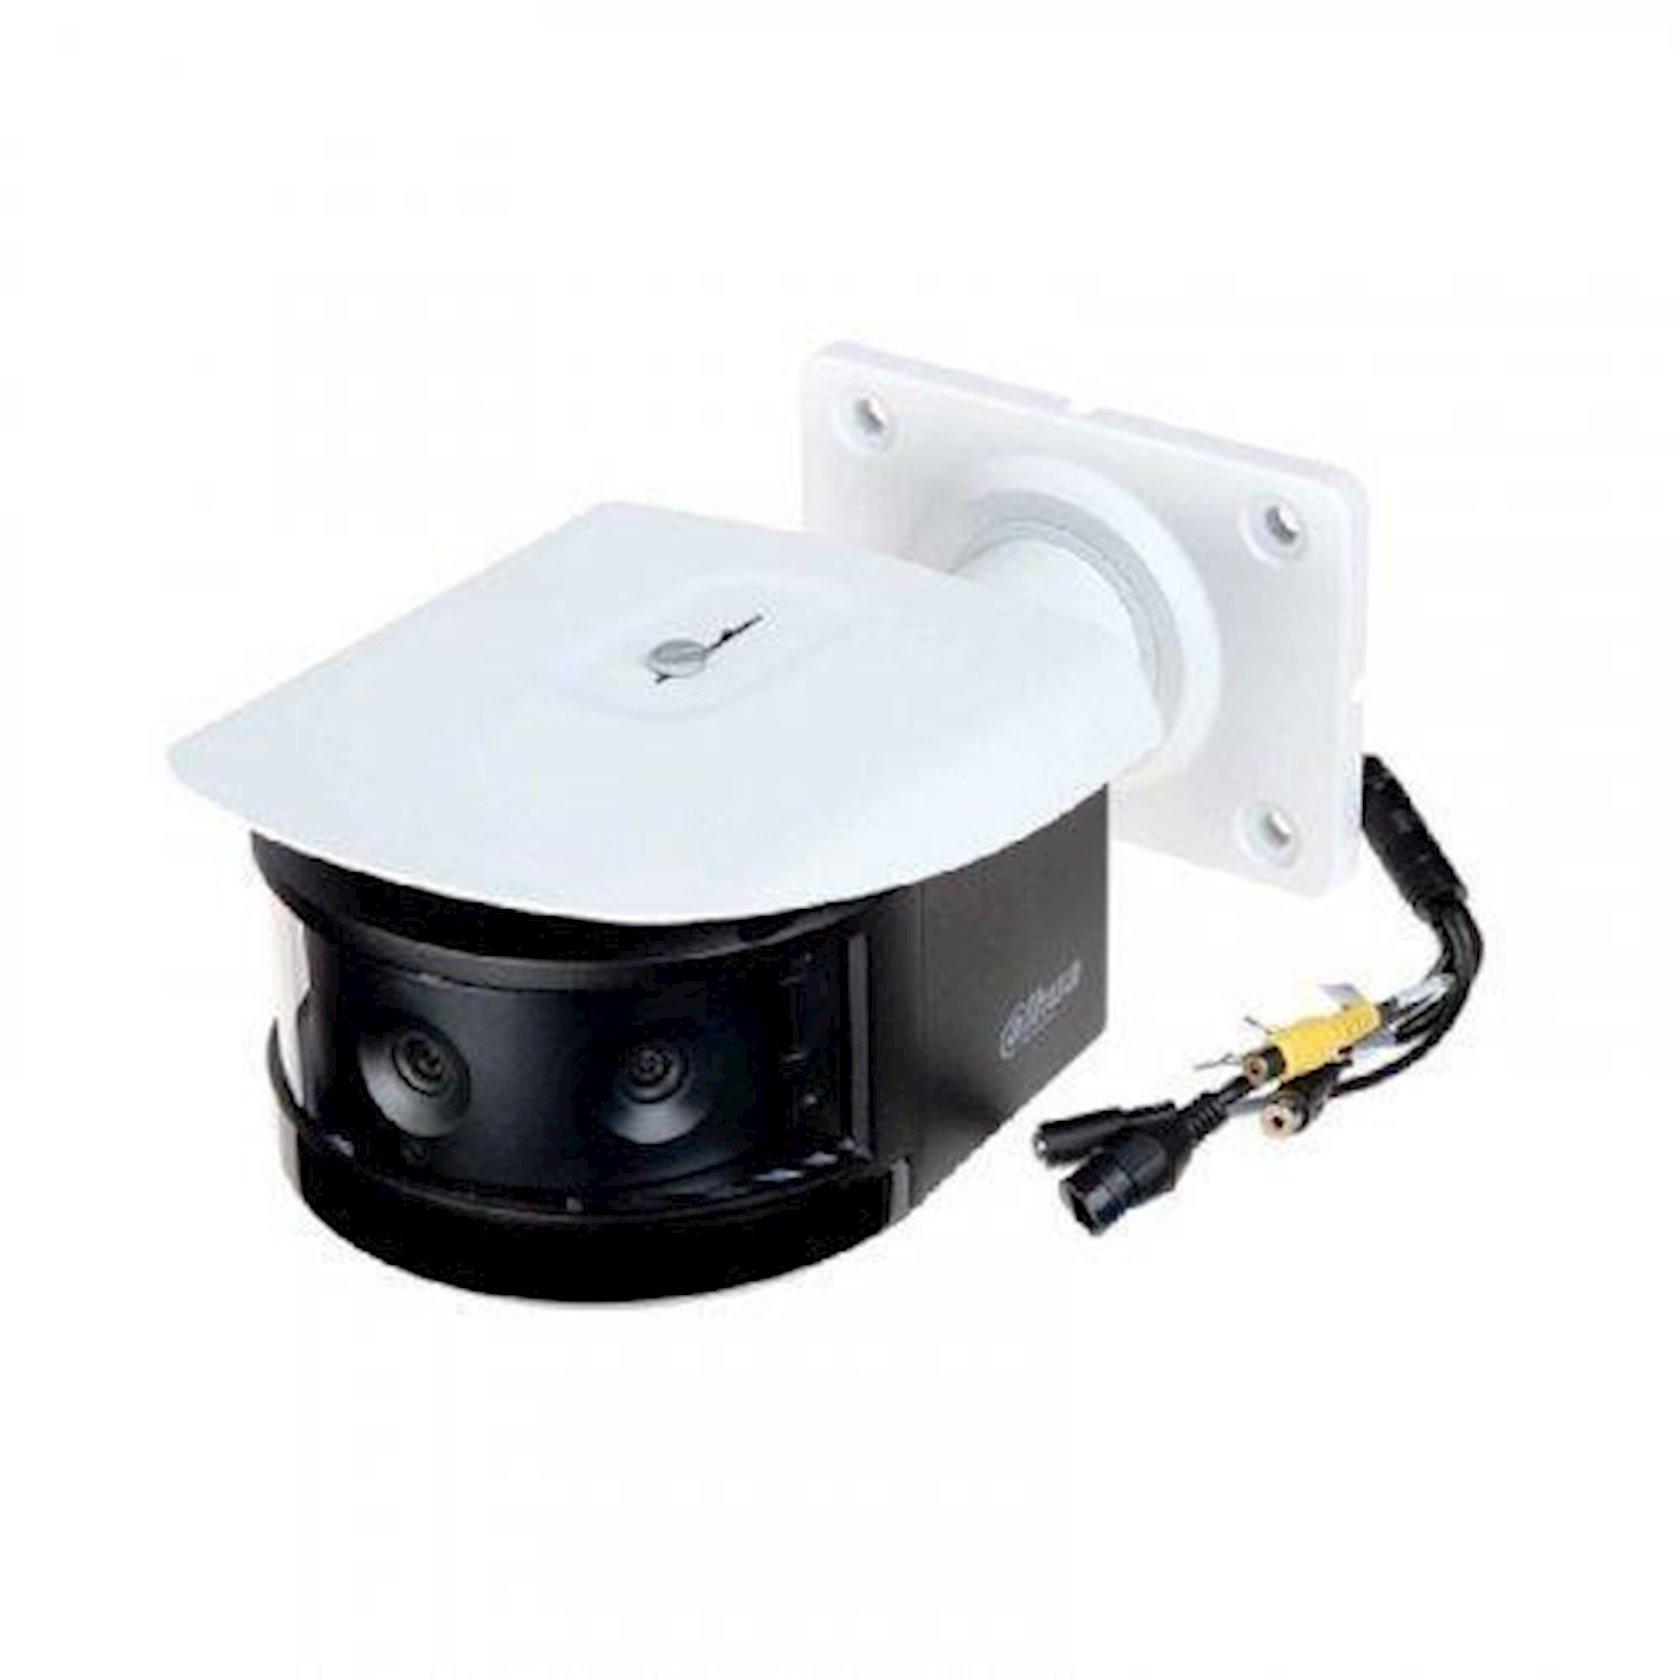 Videomüşahidə kamerası Dahua DH-IPC-PFW8601-A180